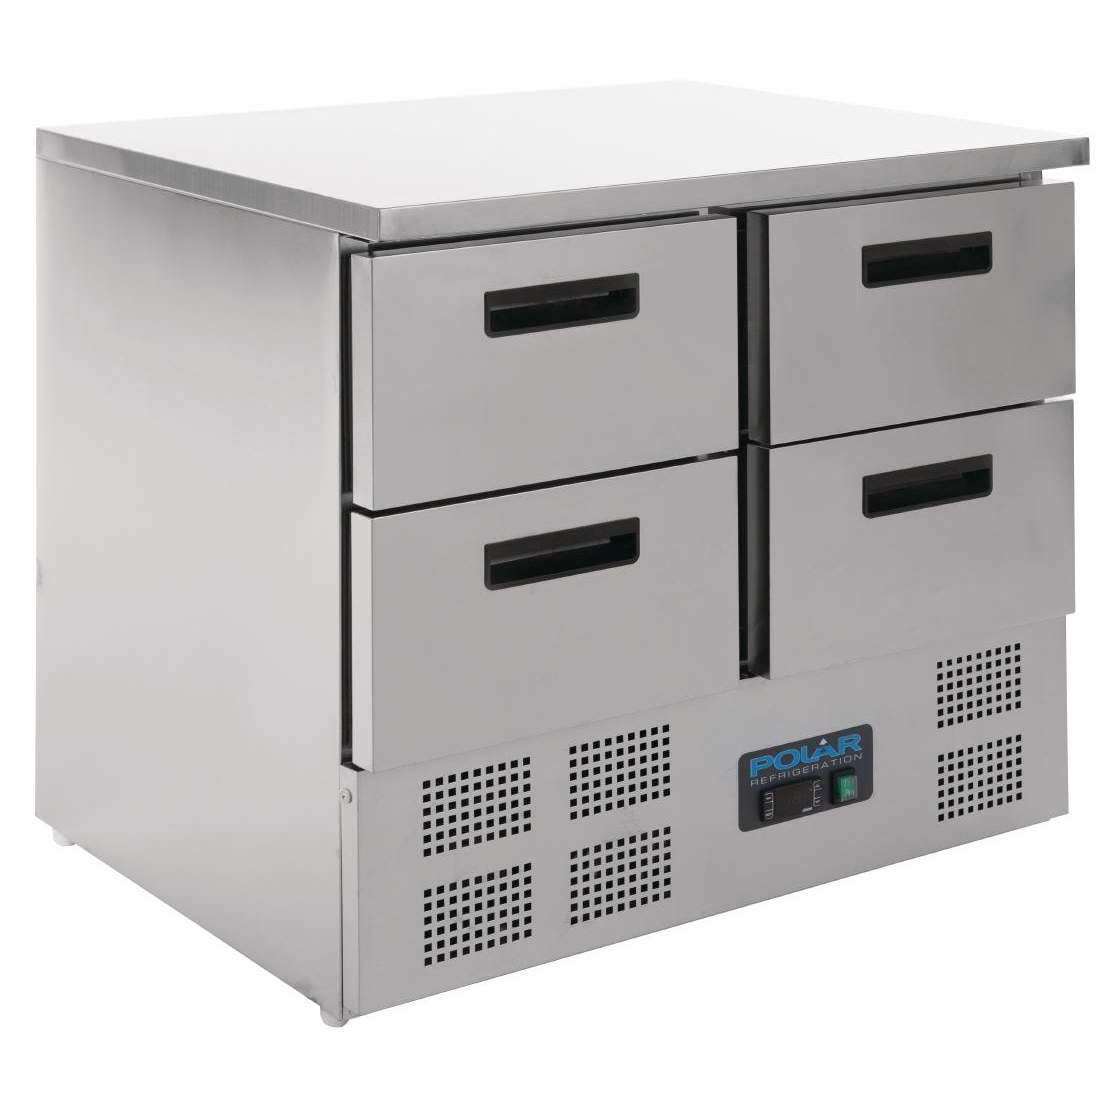 Table réfrigérée compacte 4 portes 240L